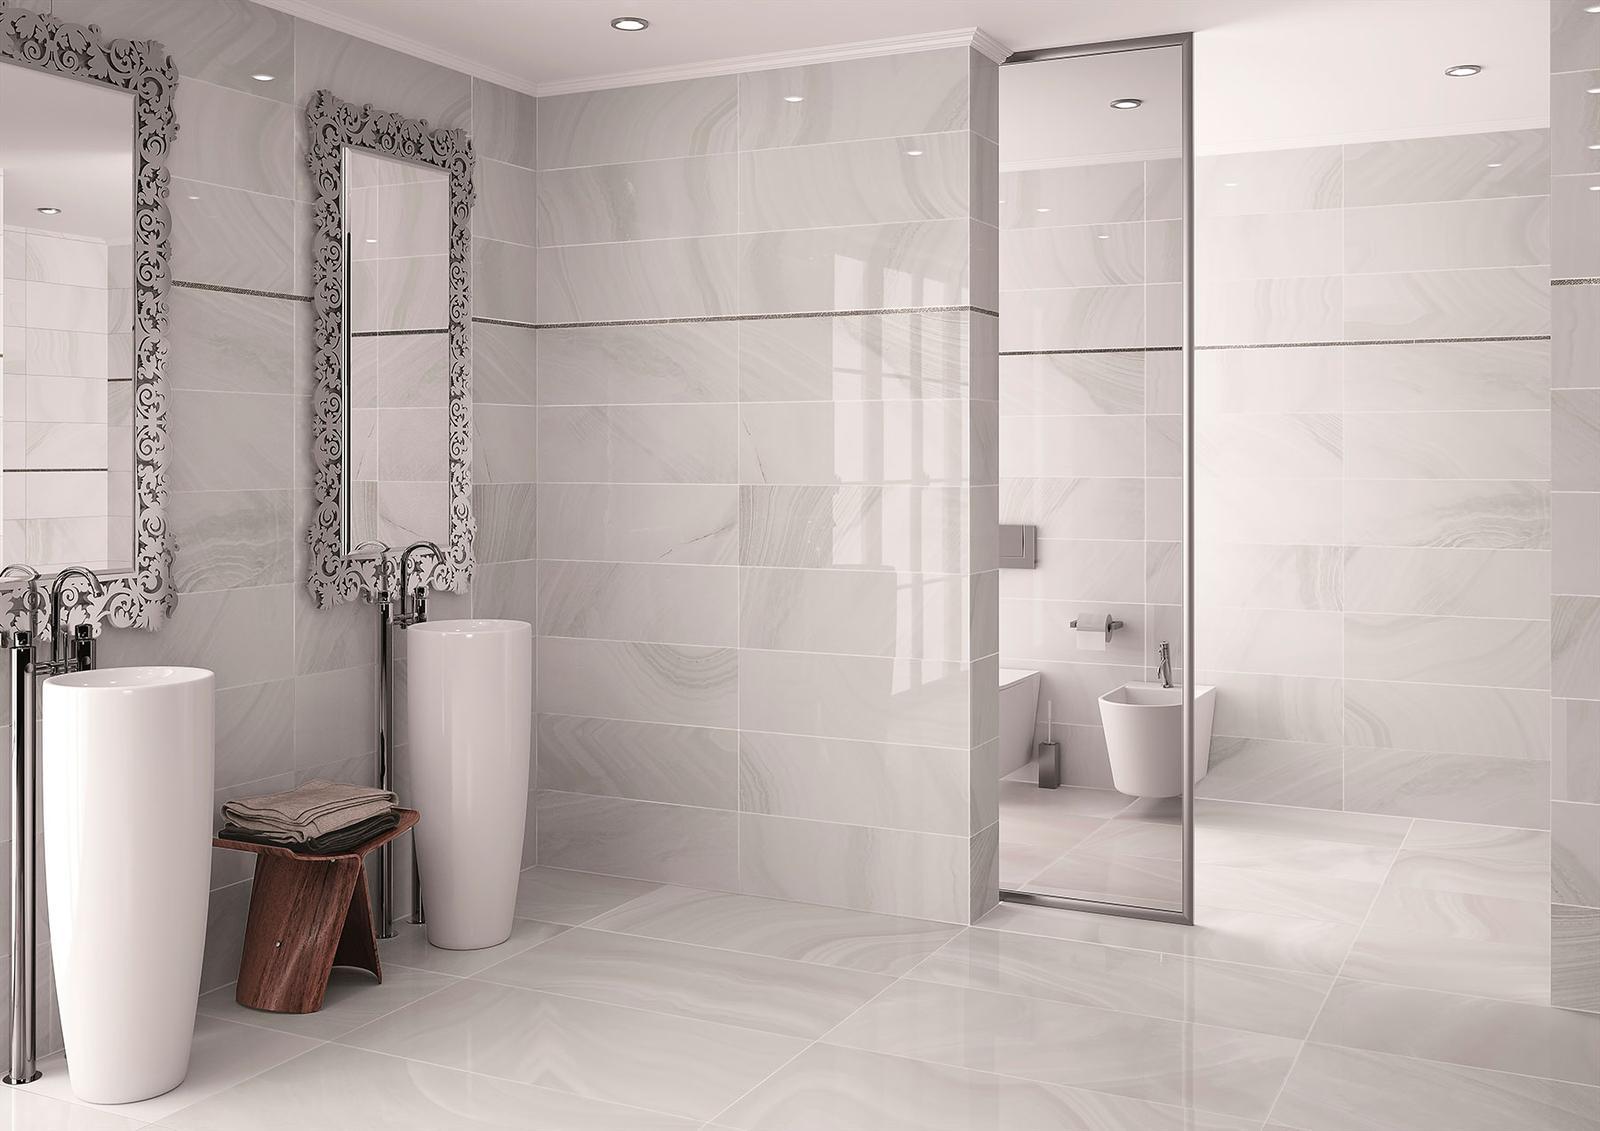 Luxusné kúpelne zo Španielska - luxusná lesklá kúpeľňa Absolute Ice 25x73